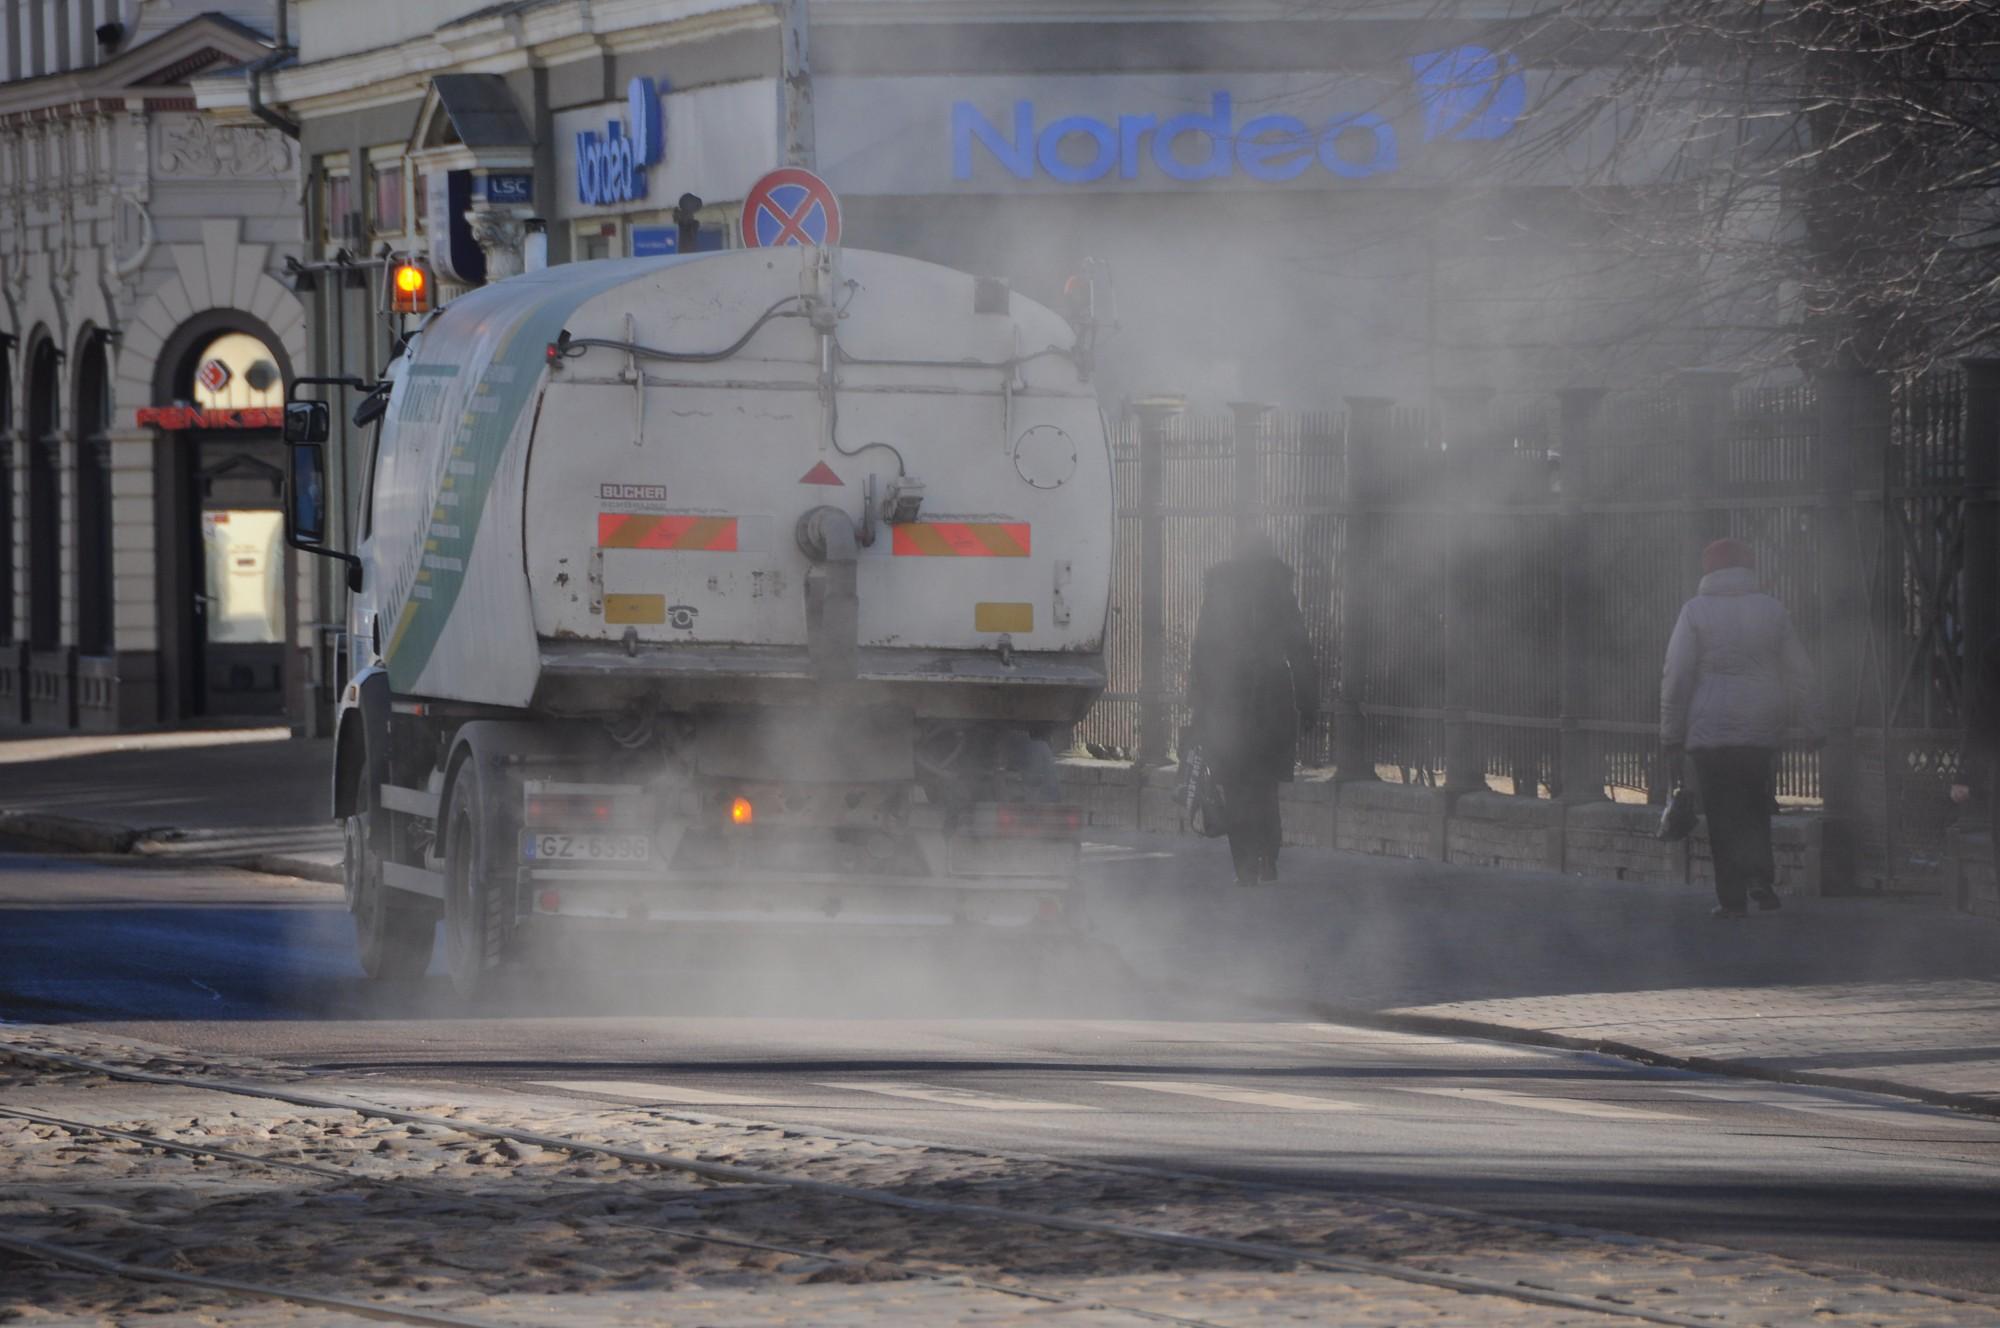 Liepājā konstatēta Pasaules Veselības organizācijas standartiem neatbilstoša gaisa kvalitāte